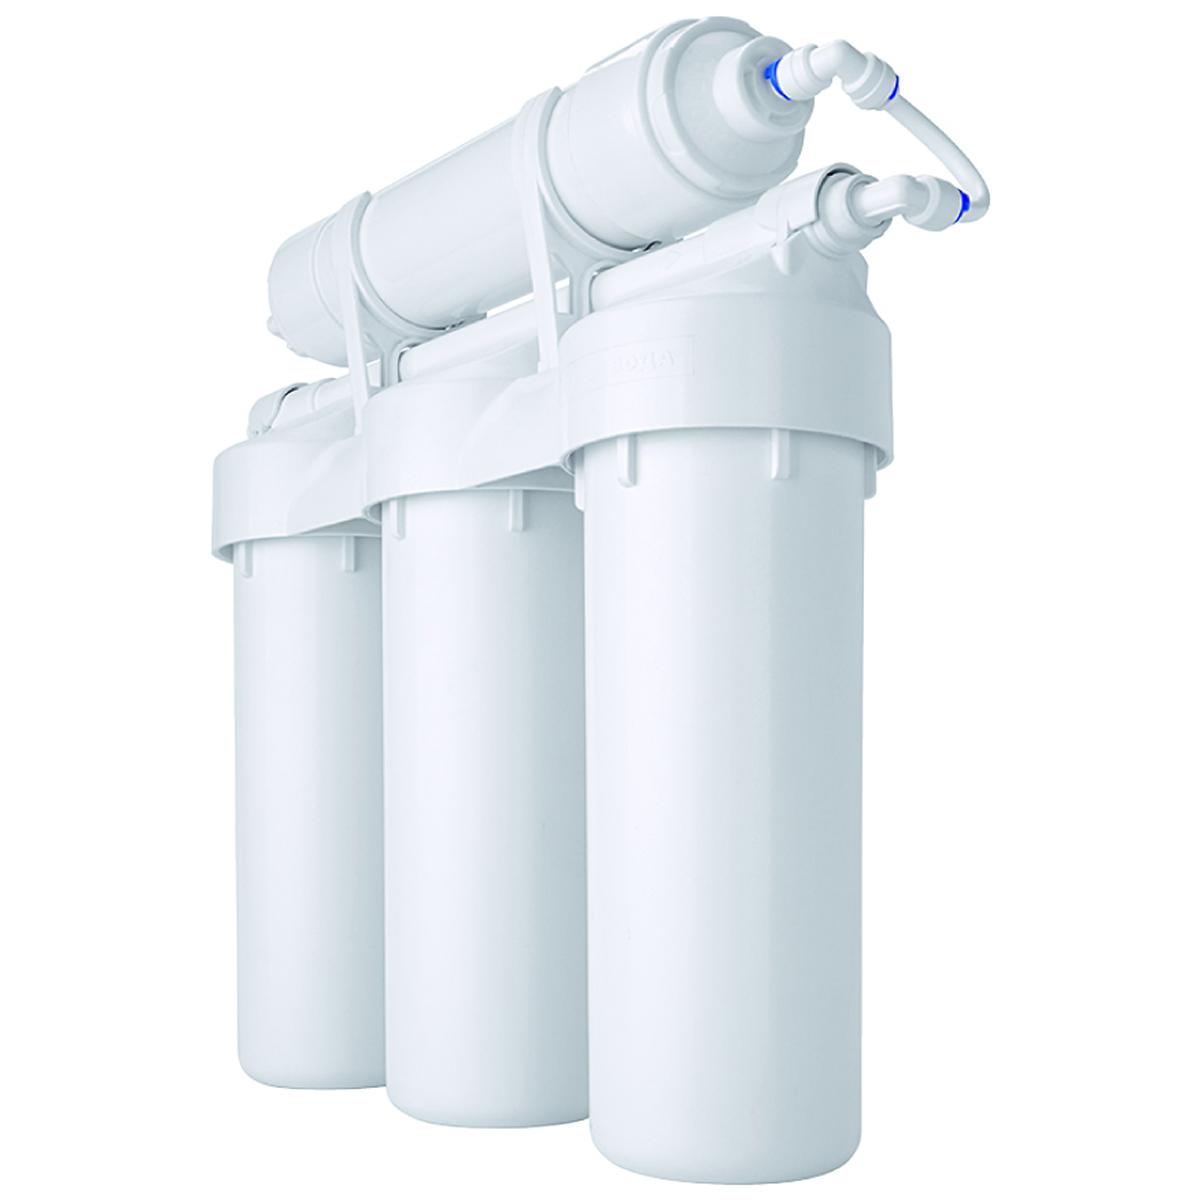 Водоочиститель Prio Praktic. EU310, с защитой от перепадов давленияEU310В новой линейке Praktic соединены проверенные временем традиционные решения на базе стандартных 10-дюймовых картриджей с современными техническими решениями 21 века и немецкими технологиями от компании Prio®. Фильтры серии Praktic превосходно очищают водопроводную воду от всех самых опасных загрязнений, в том числе хлора и хлорной органики, механических примесей, канцерогенов, тяжелых металлов и т. д., улучшают вкус воды, устраняют посторонние запахи. В результате воду можно пить без кипячения, готовить на её основе еду и напитки даже для грудных детей. Ключевые особенности фильтров серии Praktic, выгодно отличающие их от большинства систем других производителей: - благодаря армированному корпусу и увеличенному количеству витков резьбы в местах соединения - выдерживают максимальное ударное давление до 28 атм, 100 тыс гидроударов (по методике тестирования целостности согласно NSF 58) - цельнолитая «голова» исключает вероятные протечки в местах соединения -...